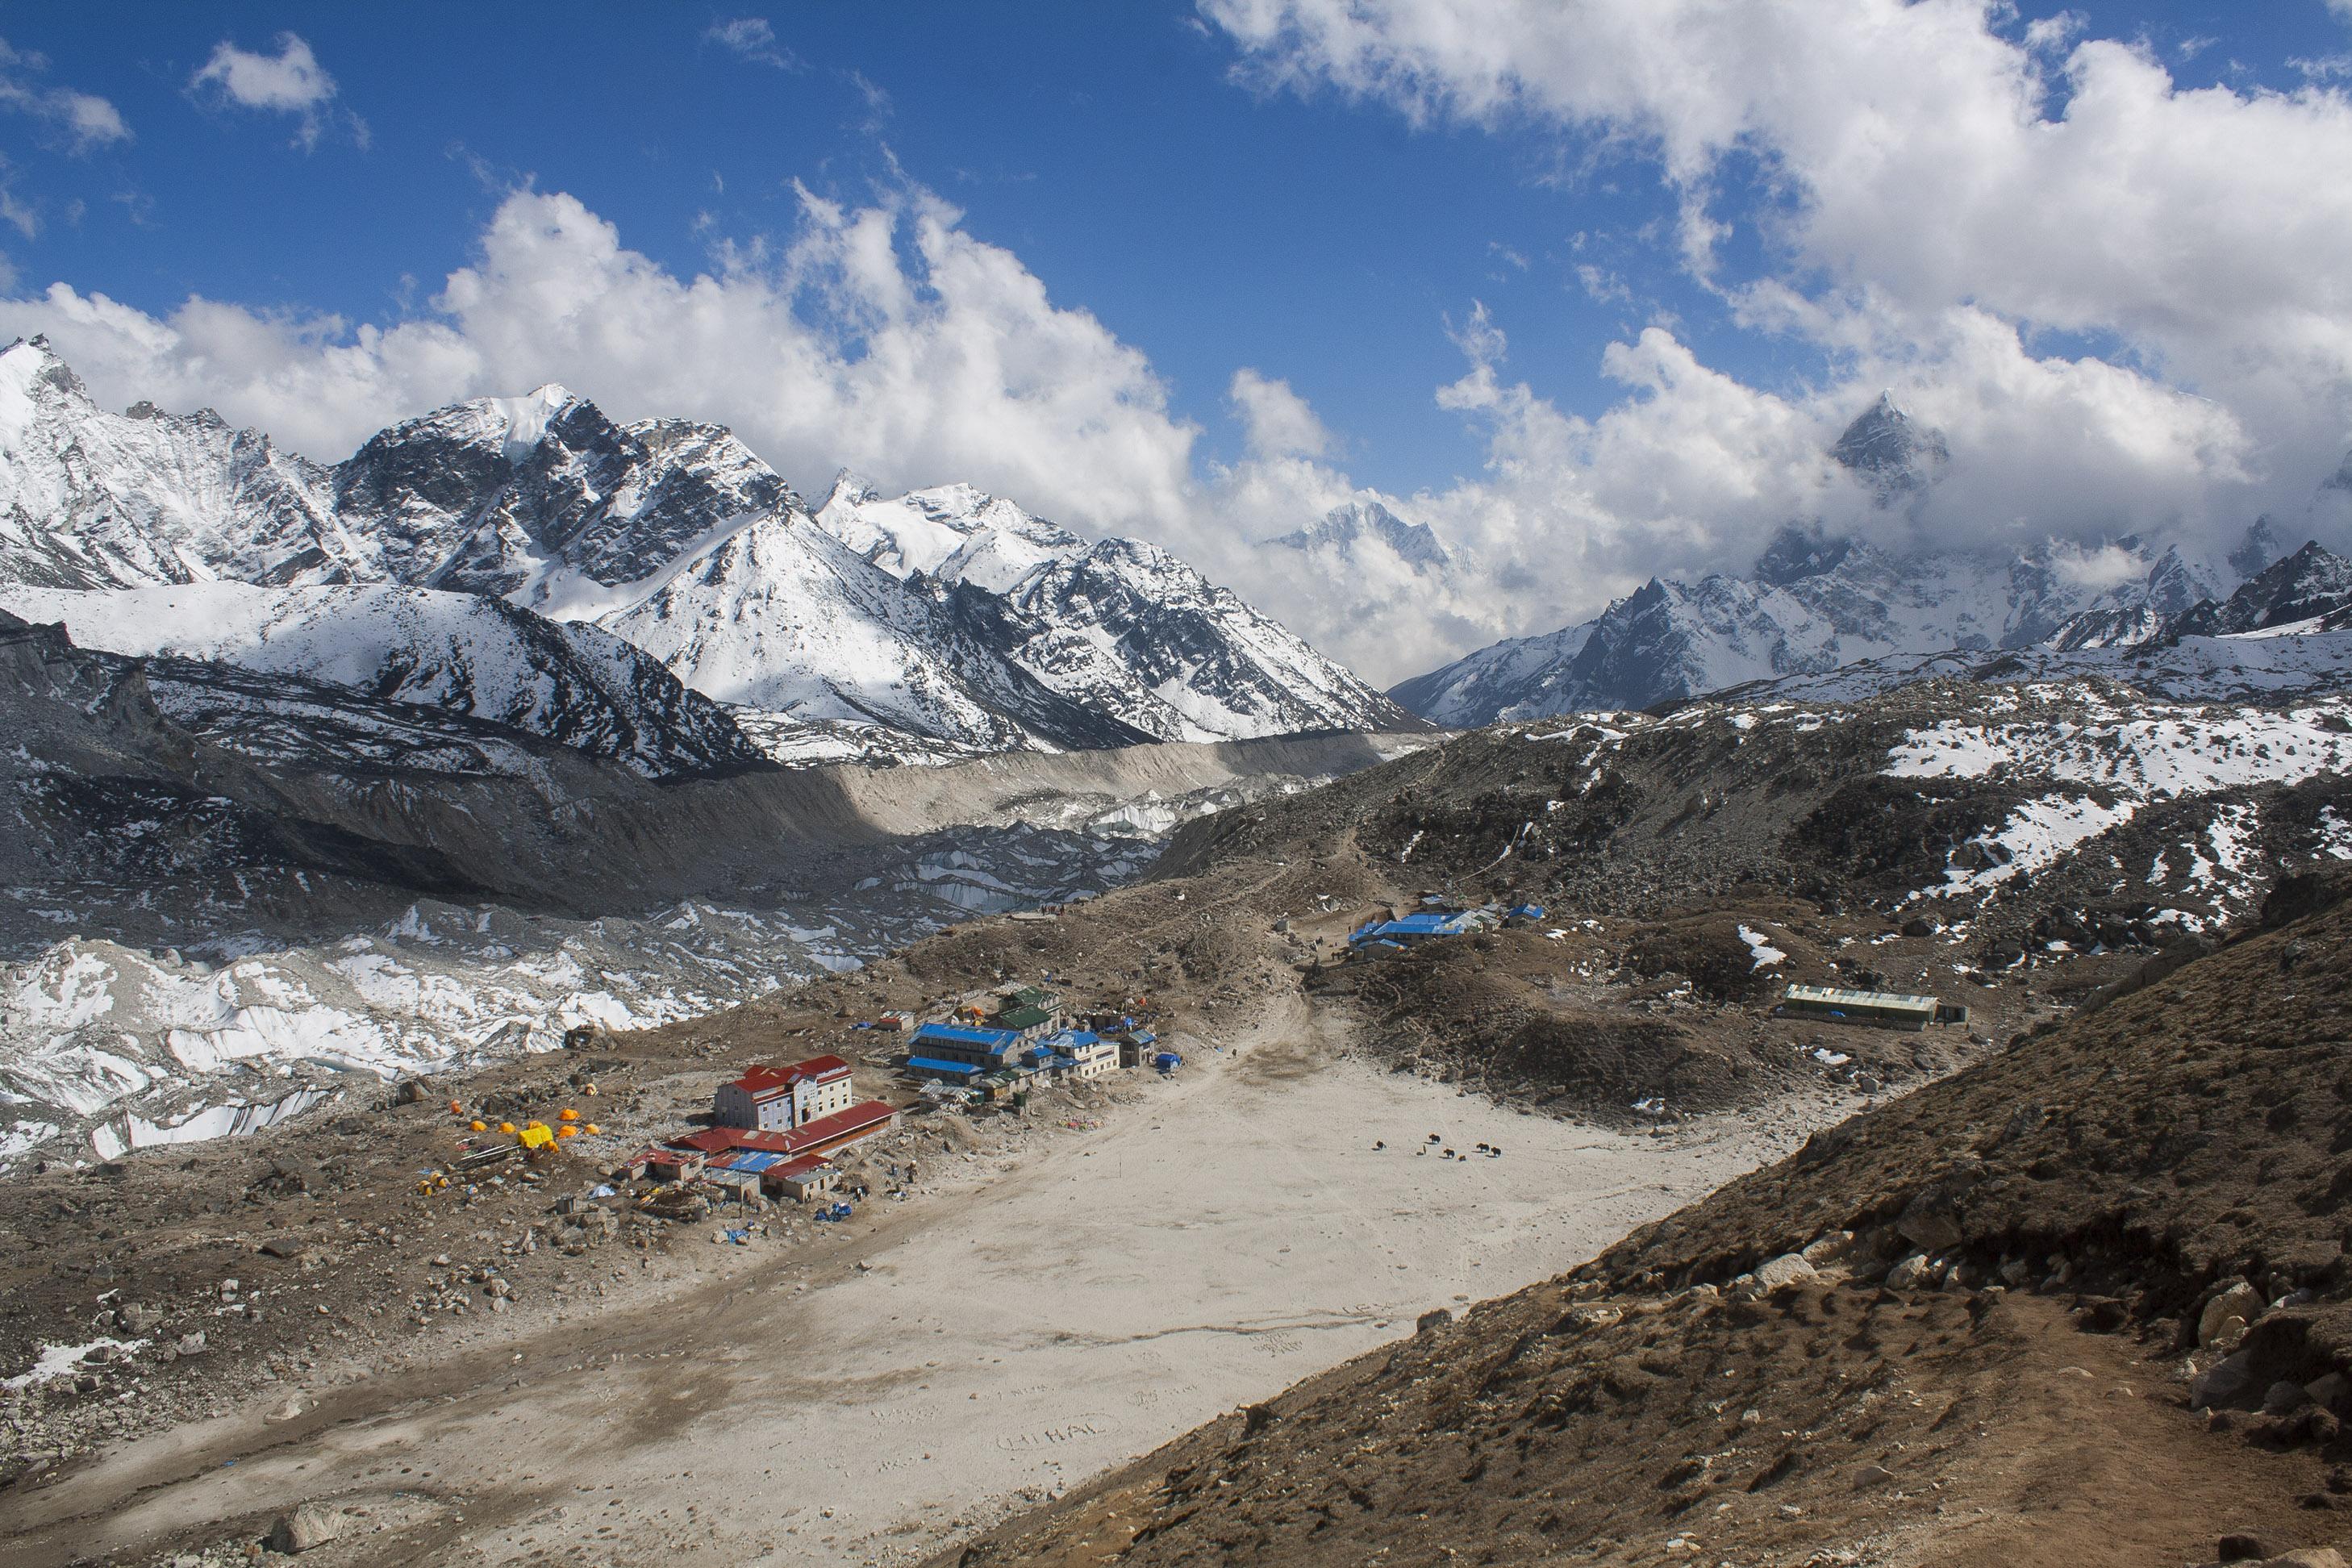 View_of_Gorakshep_from_Kala_Patthar